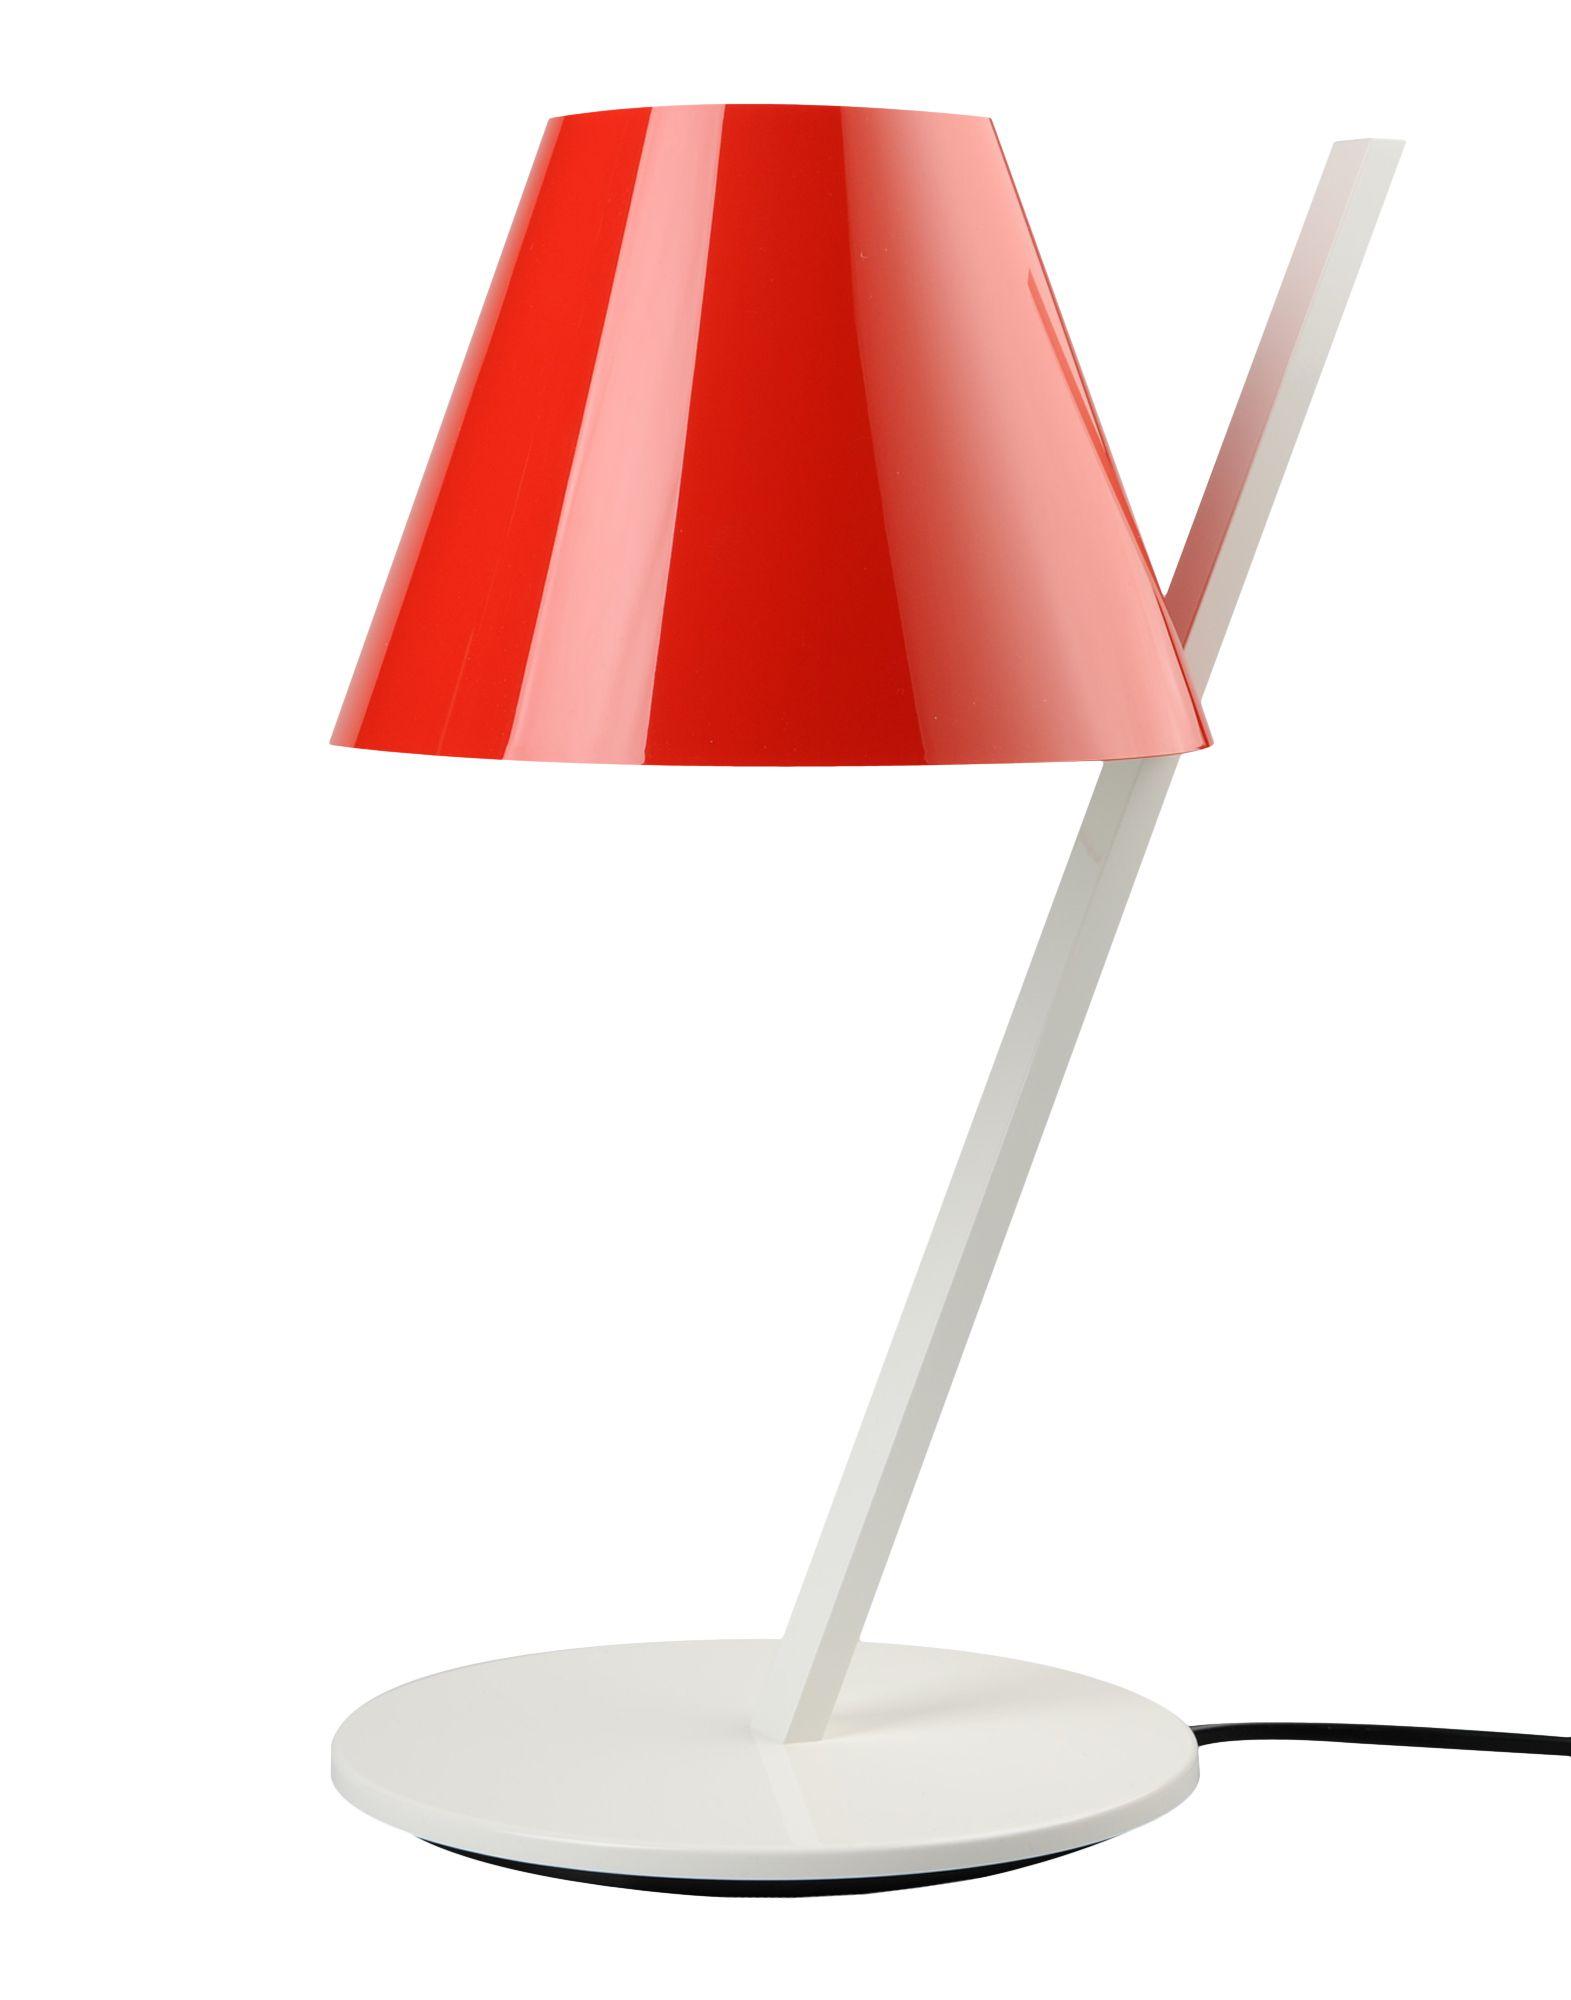 Artemide artemide illuminazione lampade da tavolo - Artemide lampade tavolo ...